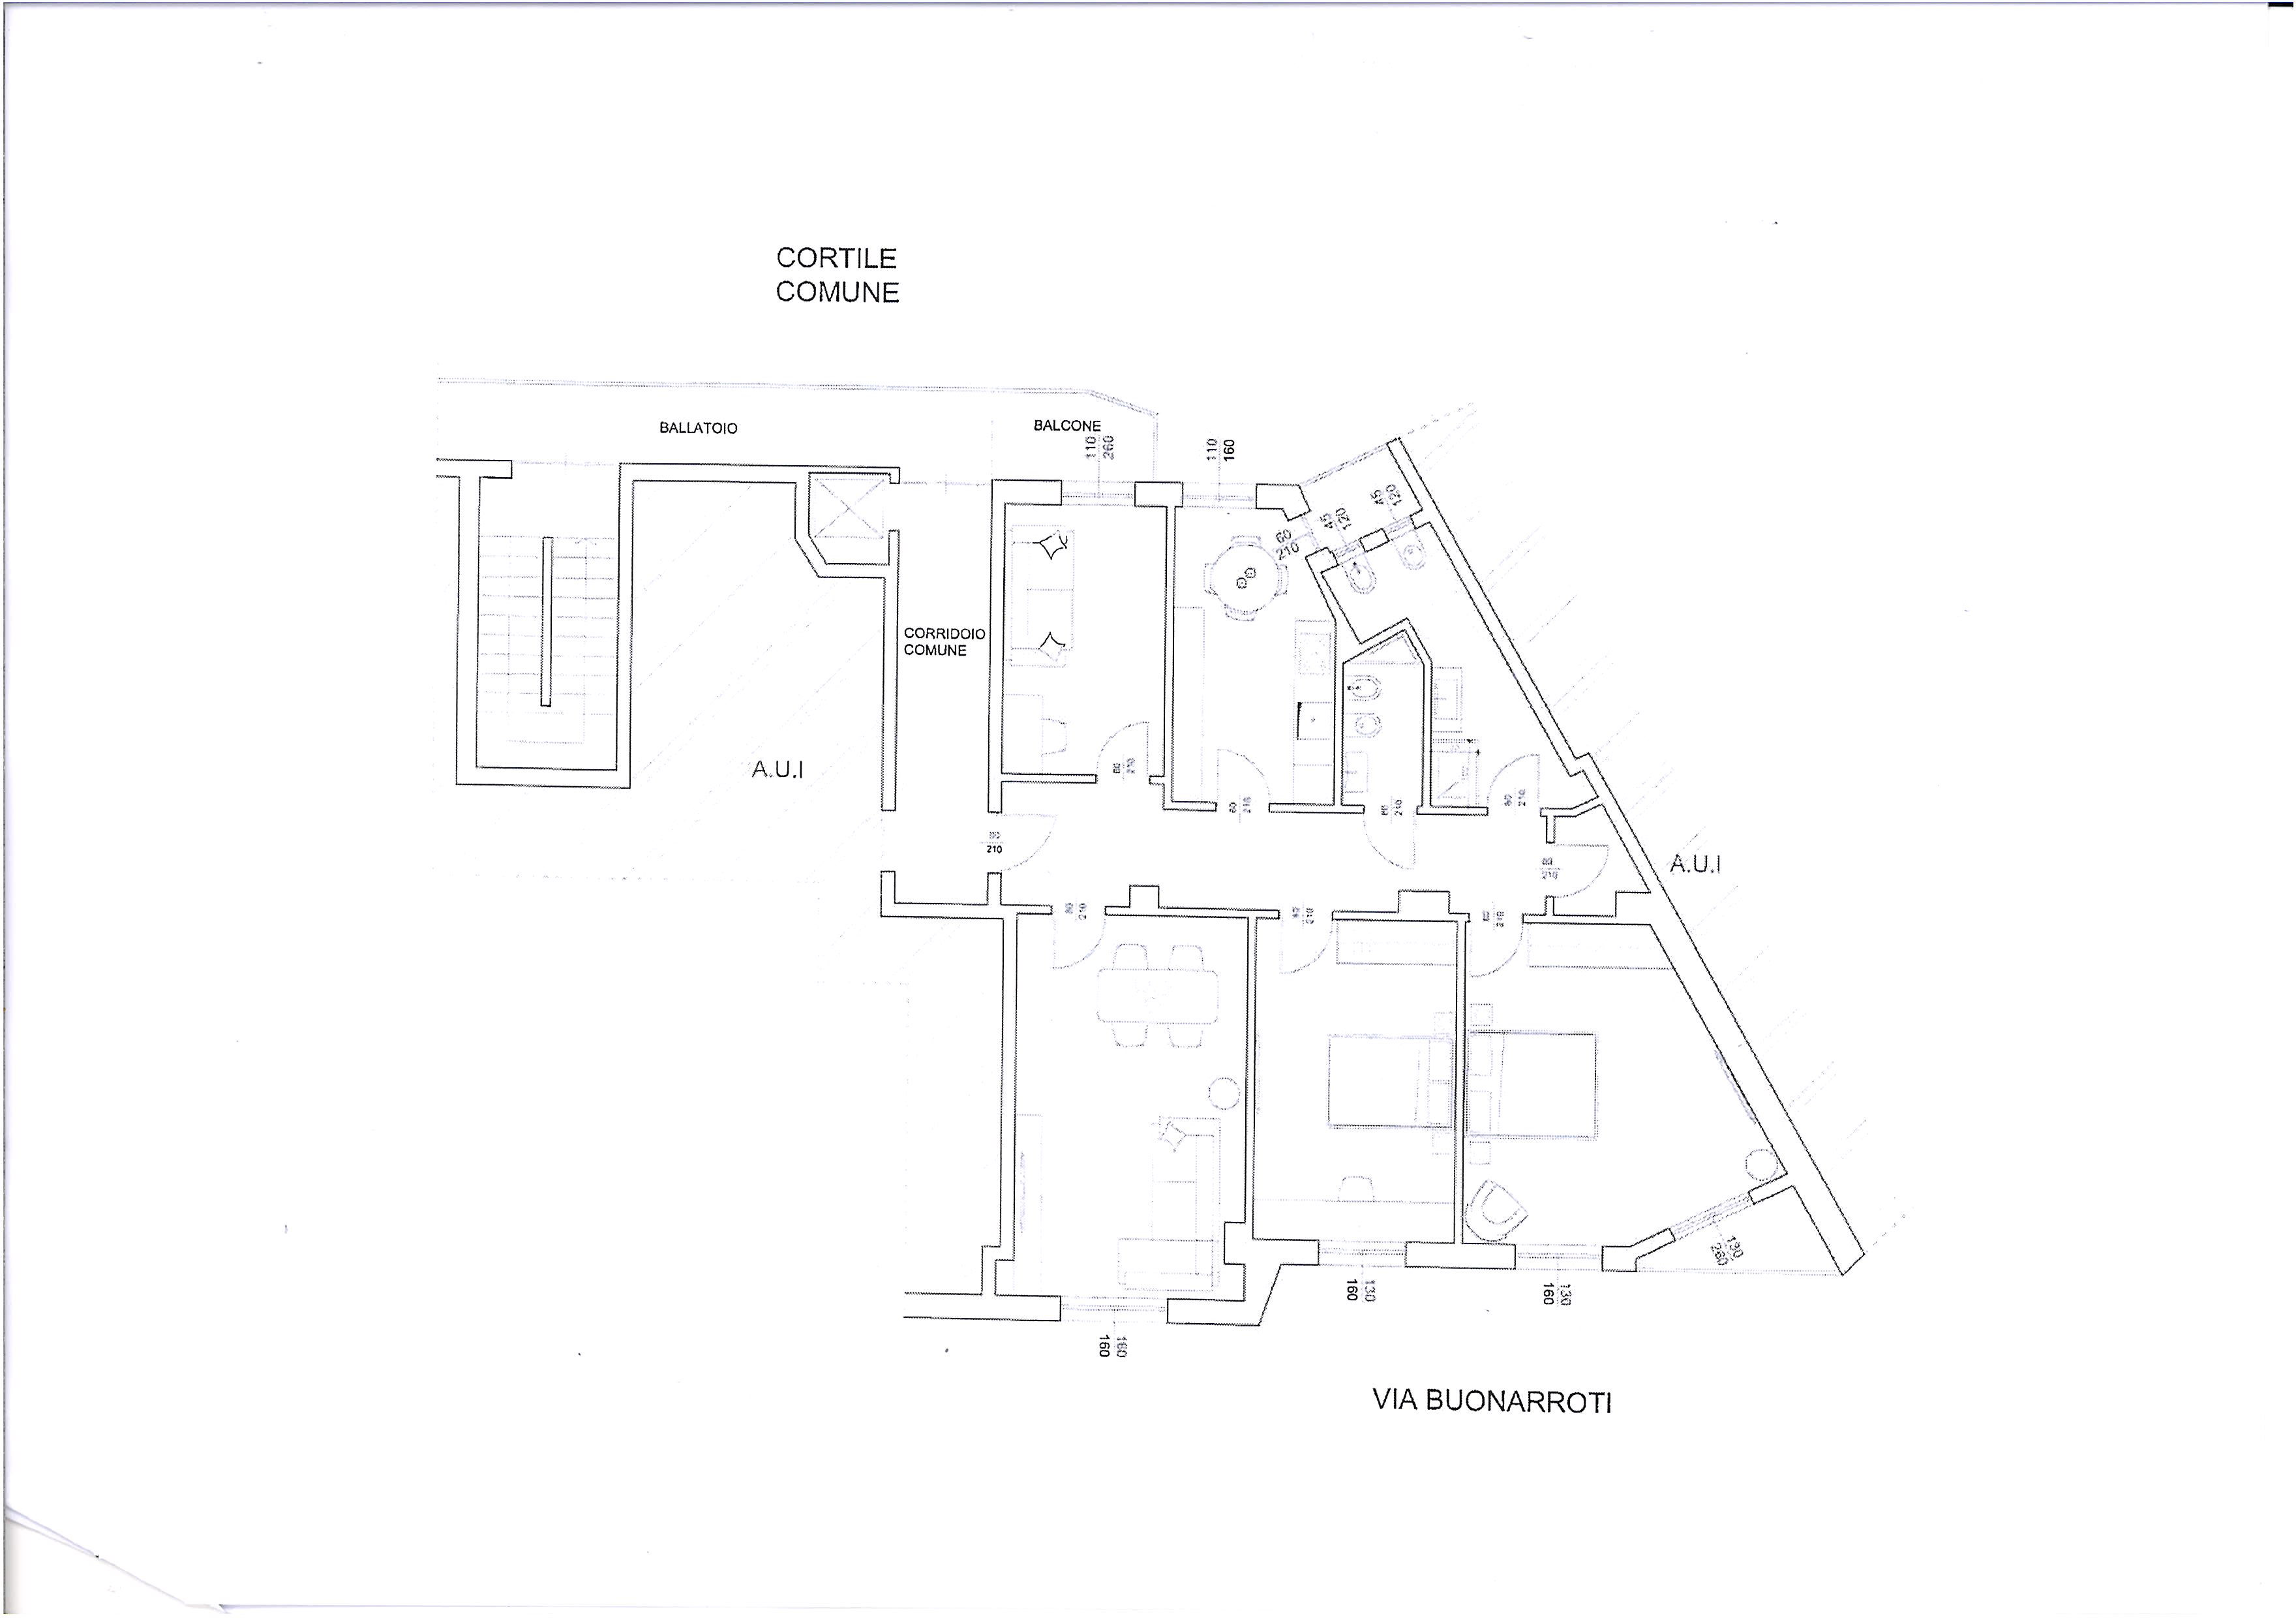 planimetrie/qWPzIzoe25.jpg